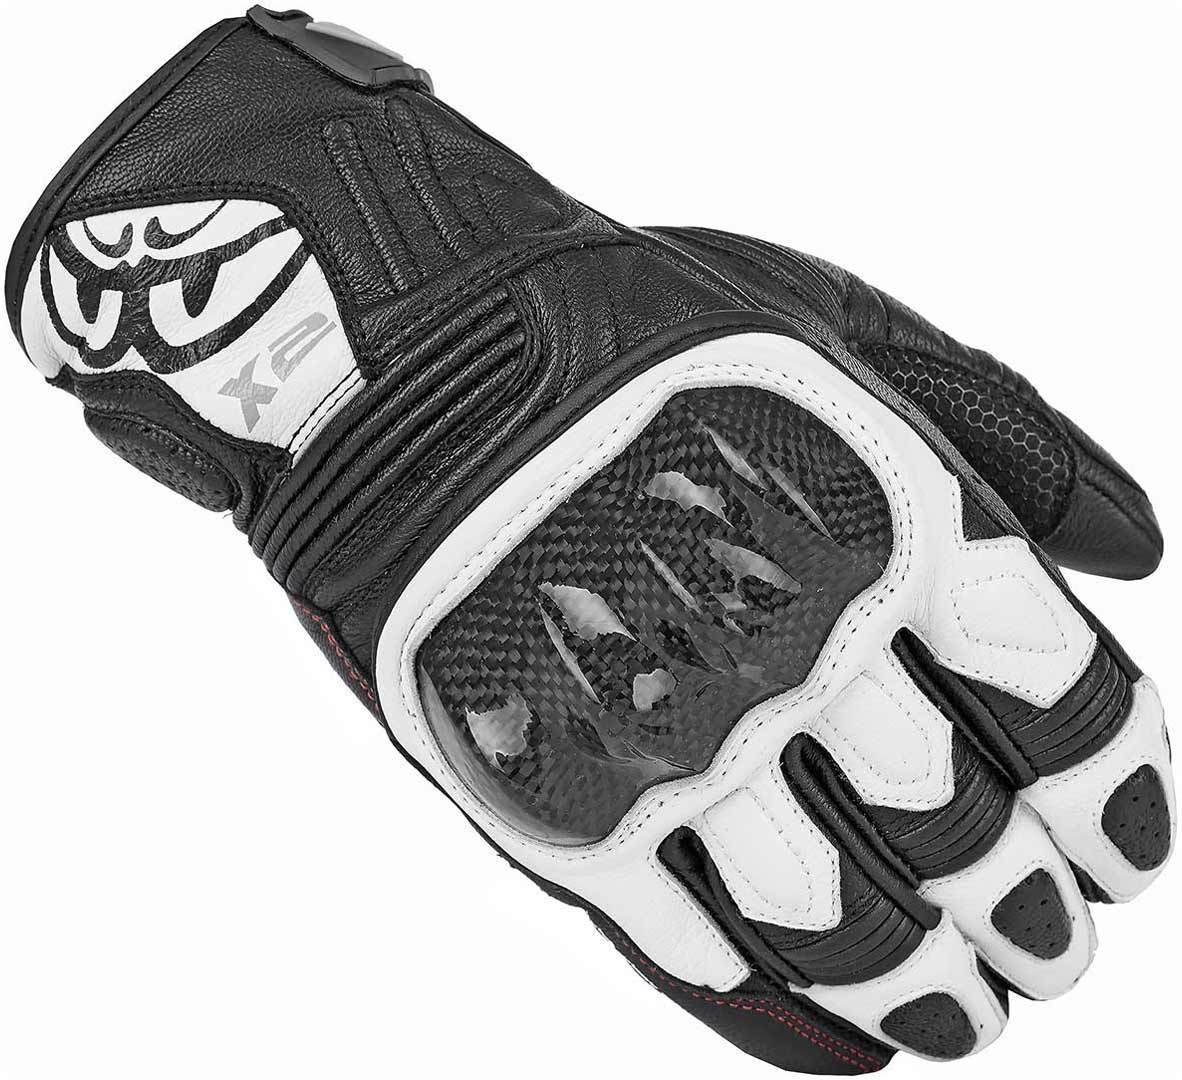 Berik NexG Motorradhandschuhe, schwarz-weiss, Größe XS, schwarz-weiss, Größe XS